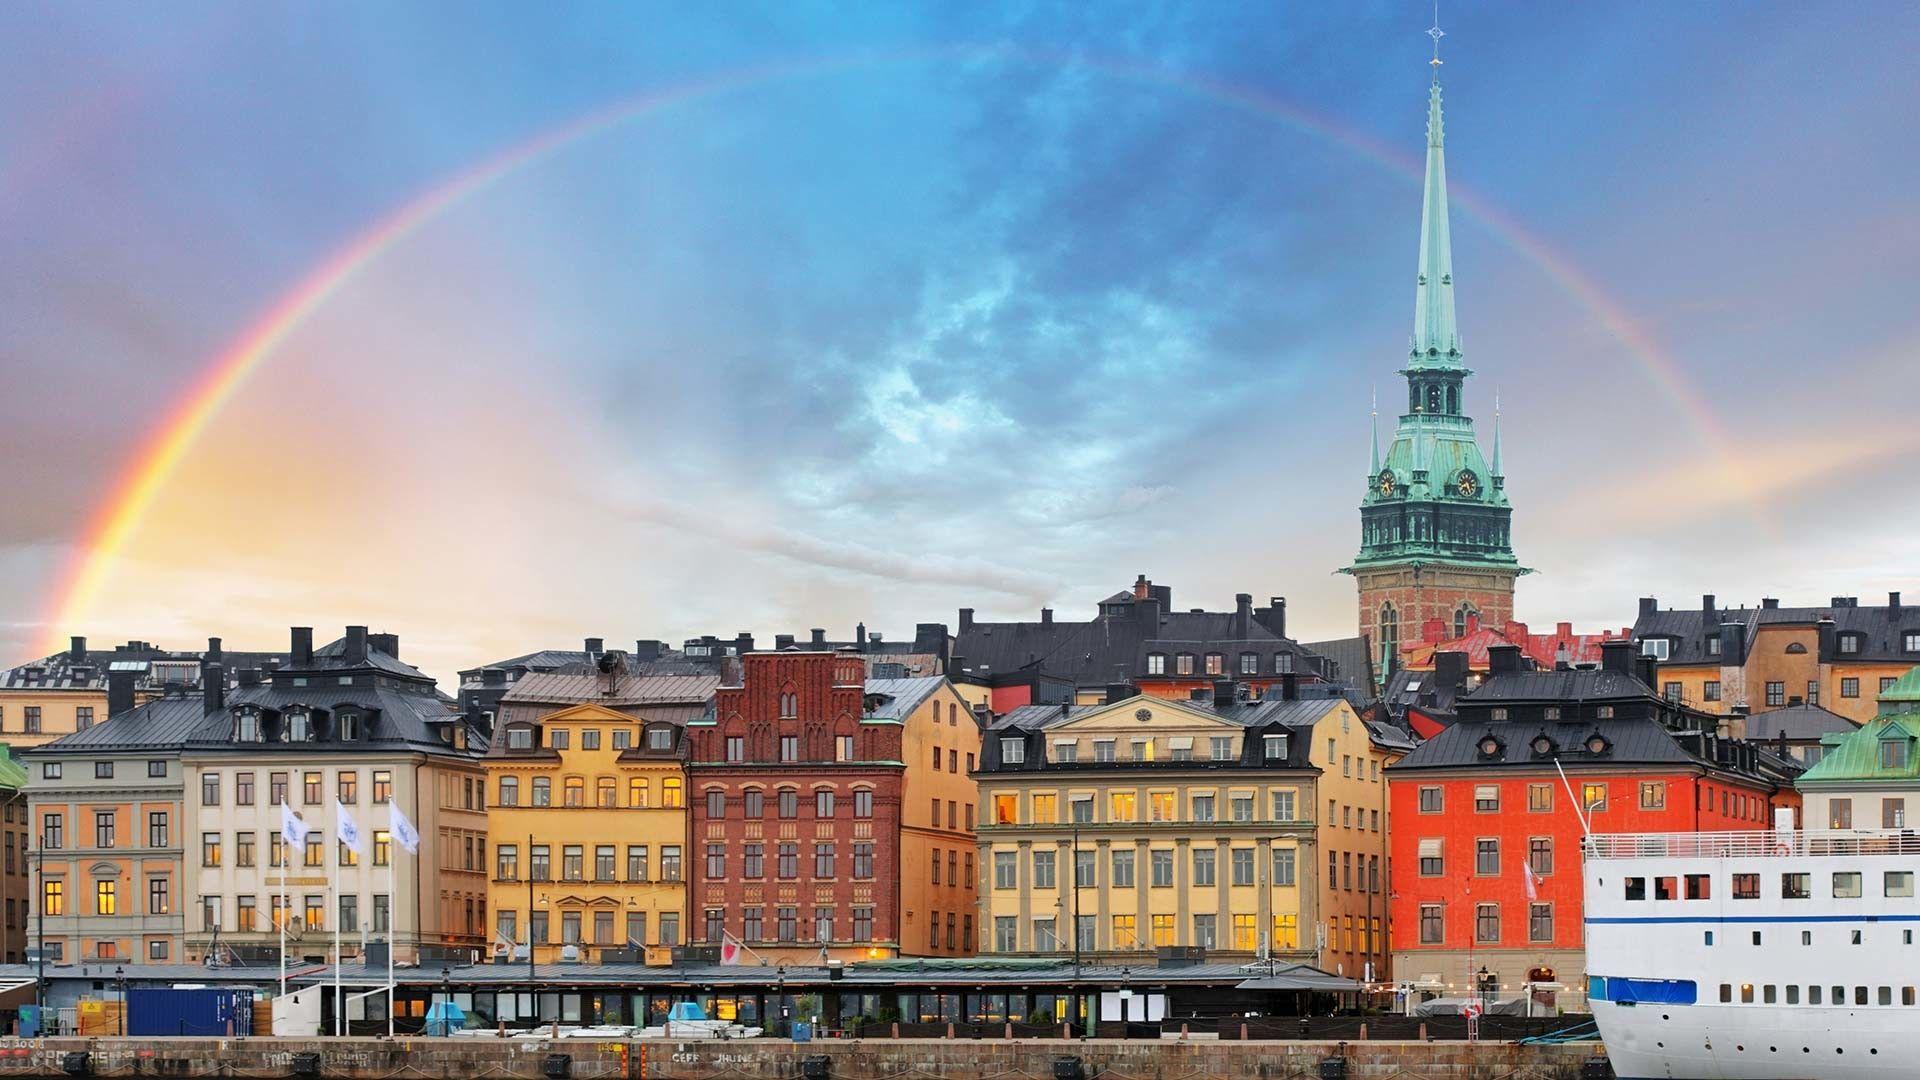 Sweden desktop wallpaper download